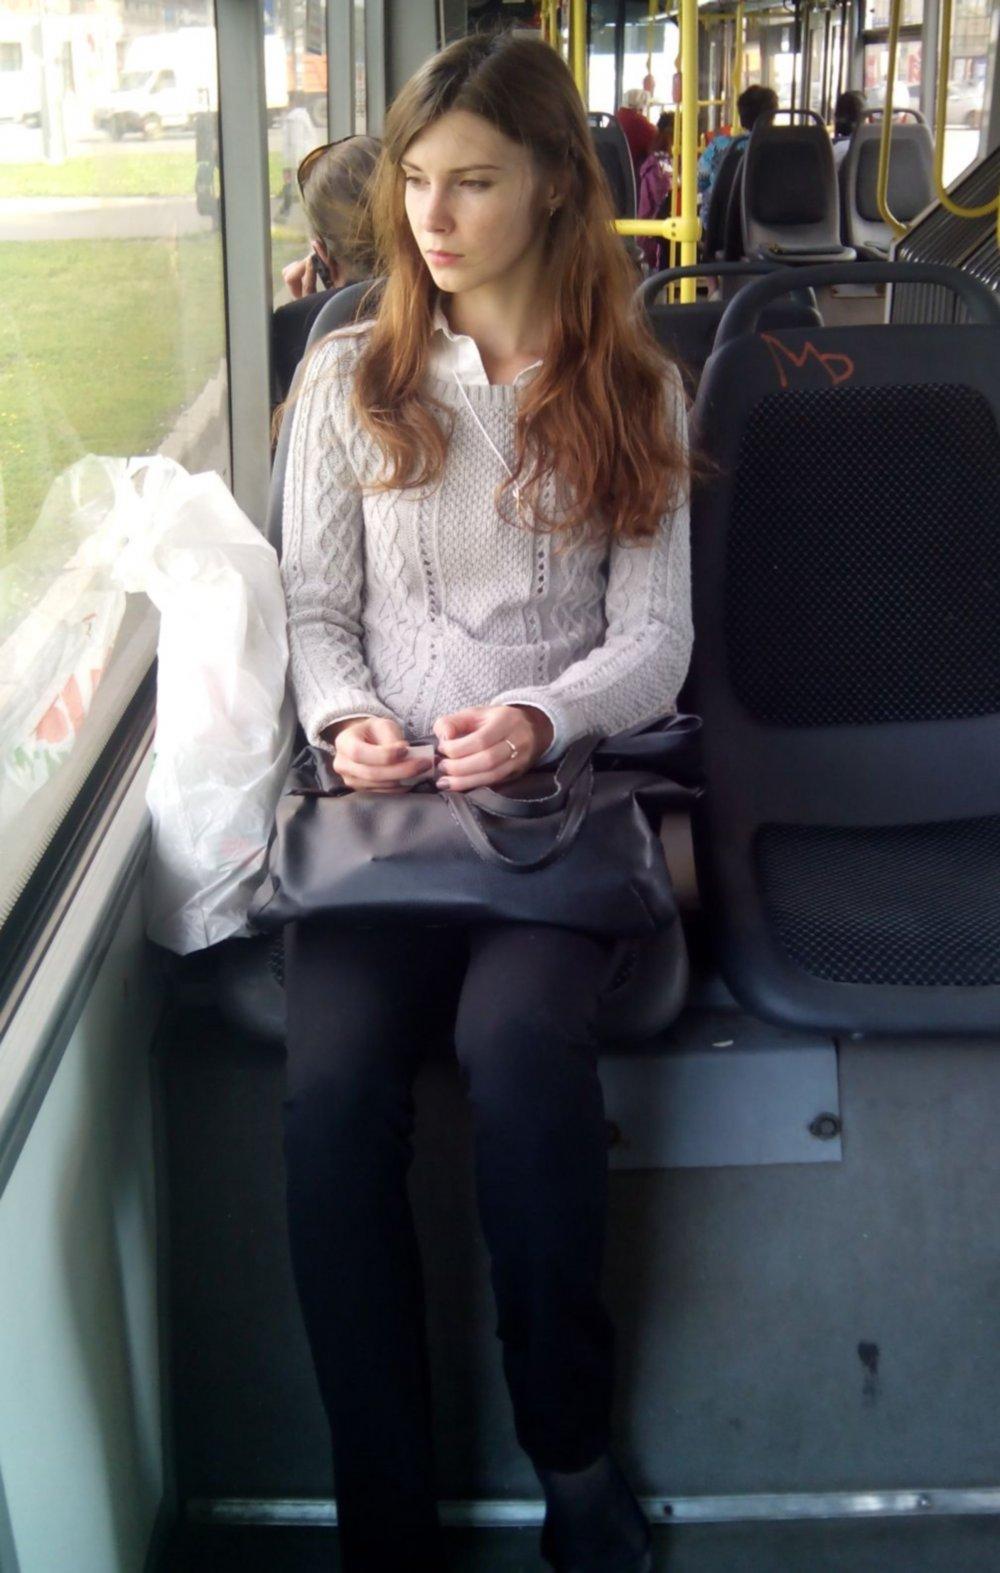 Показала в автобусе